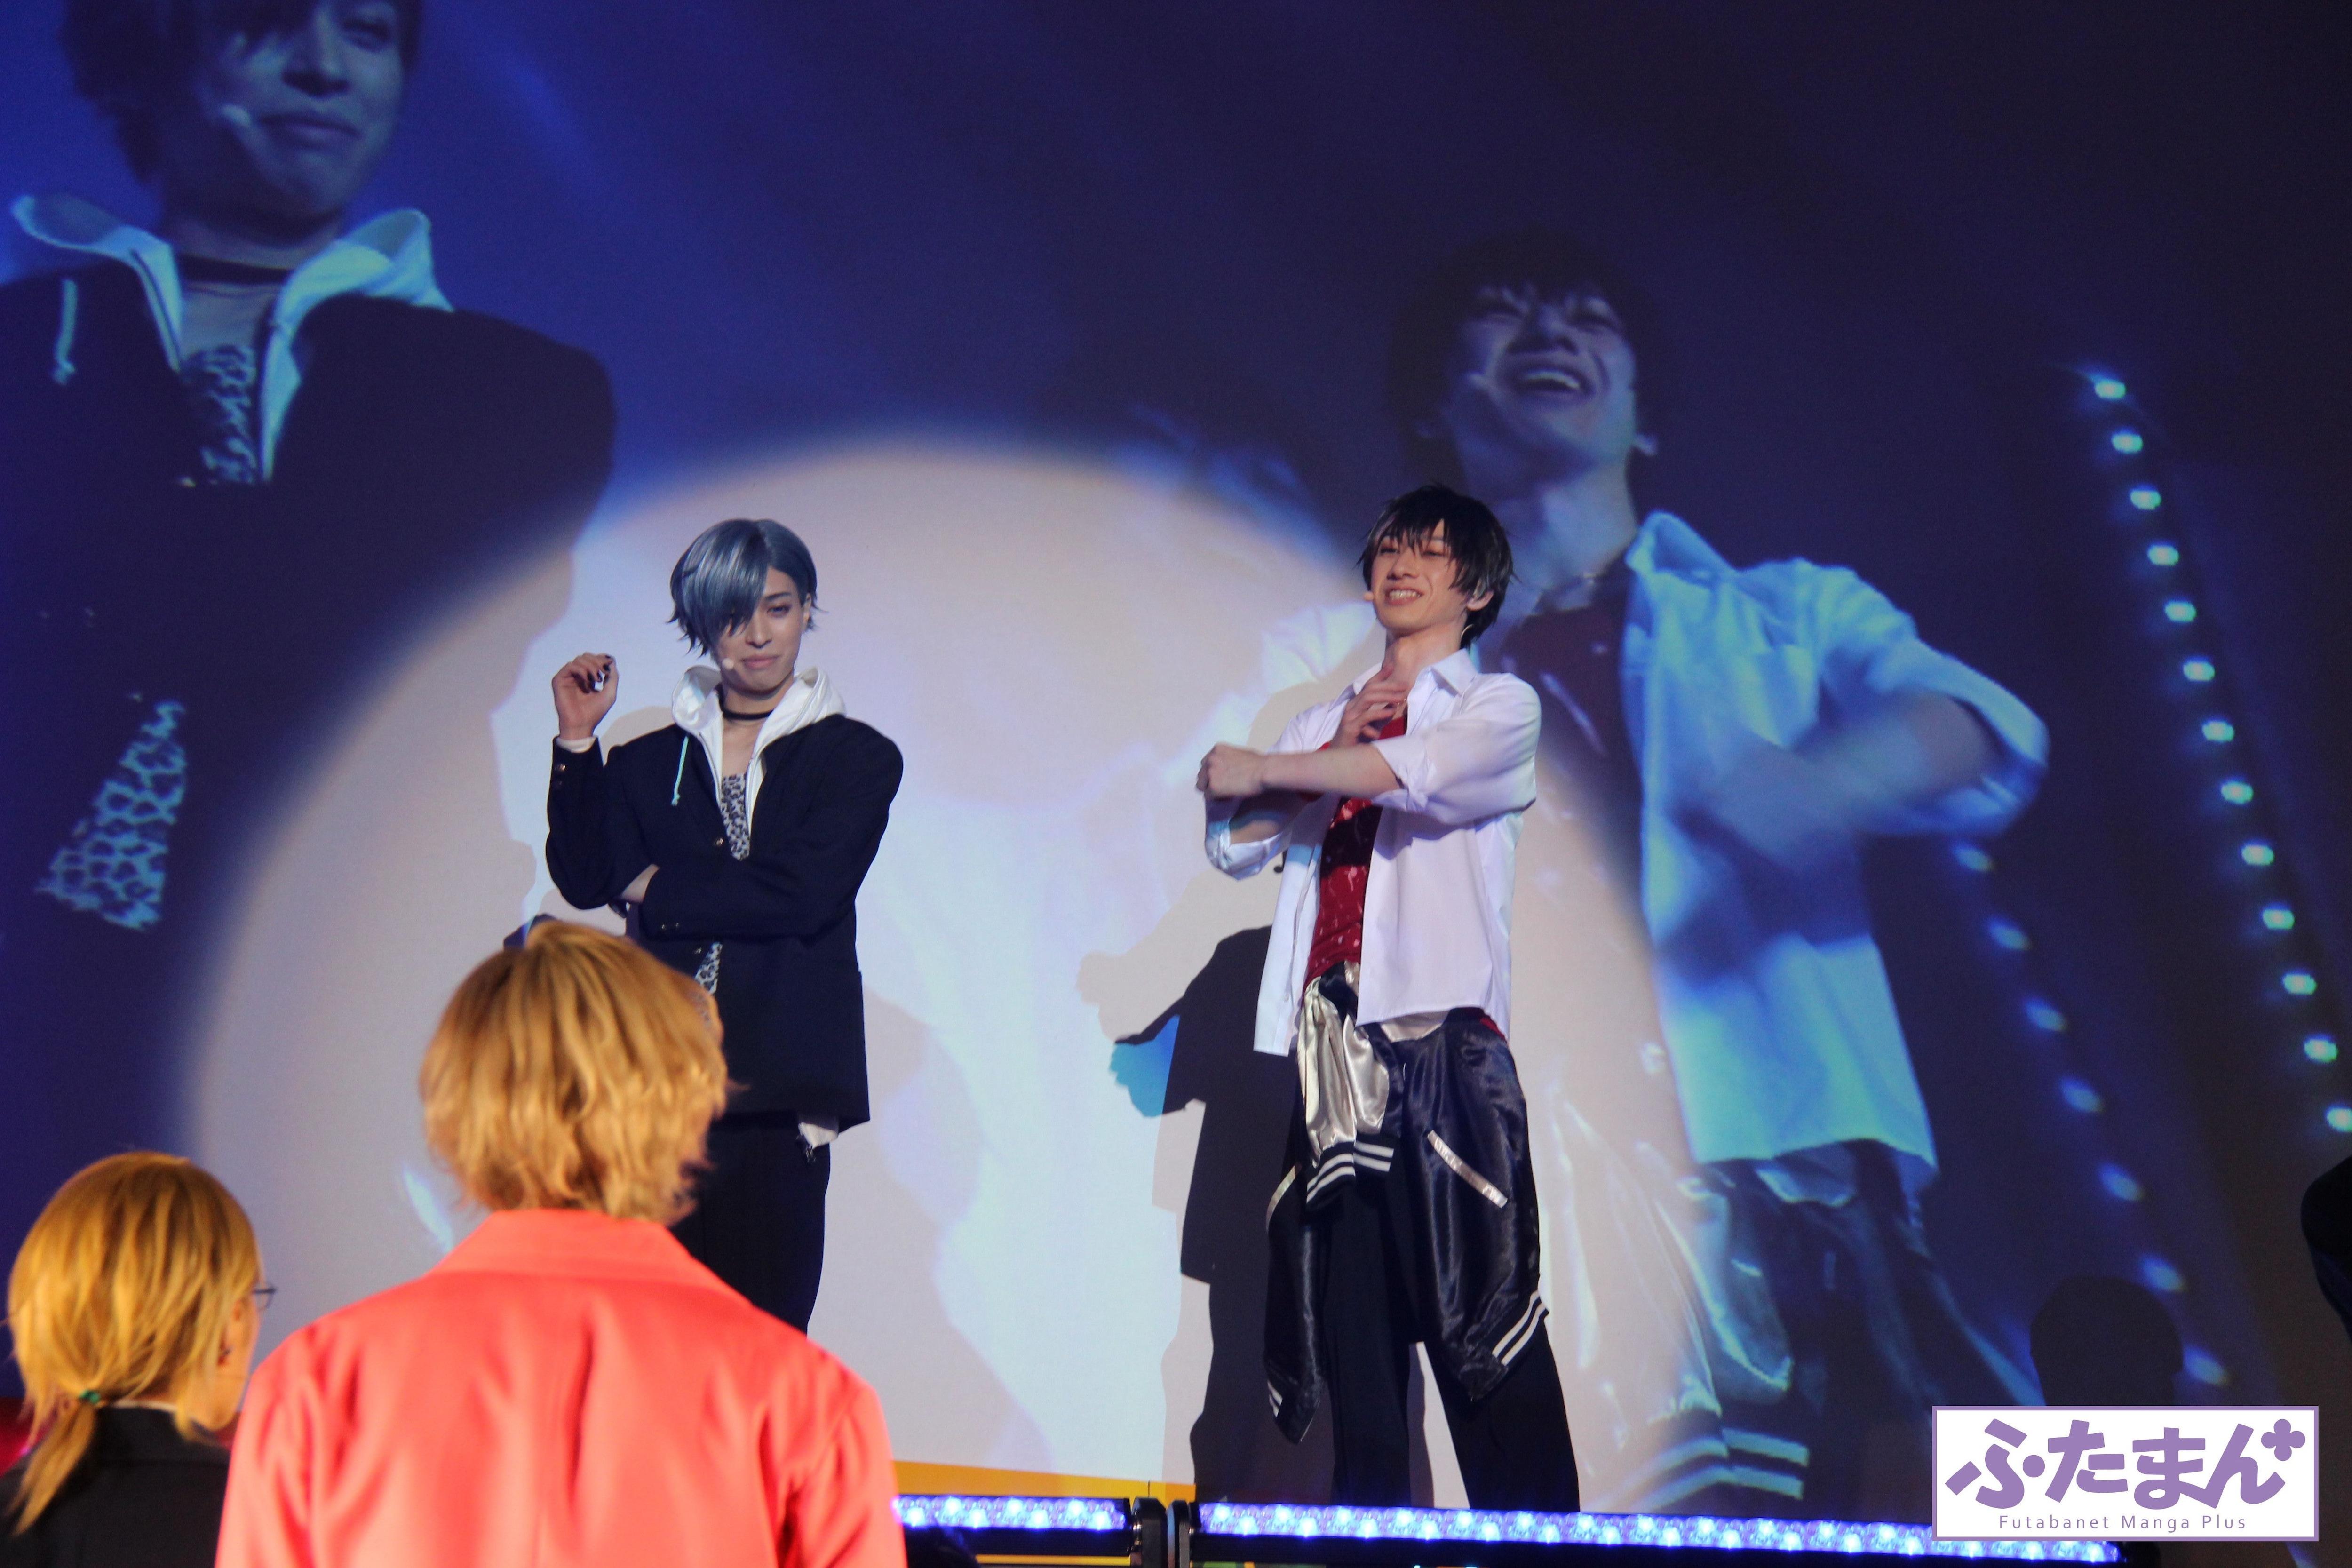 SOARA&Growthが制服姿で青春! 2.5次元ダンスライブ『イブステEp3』開幕の画像013